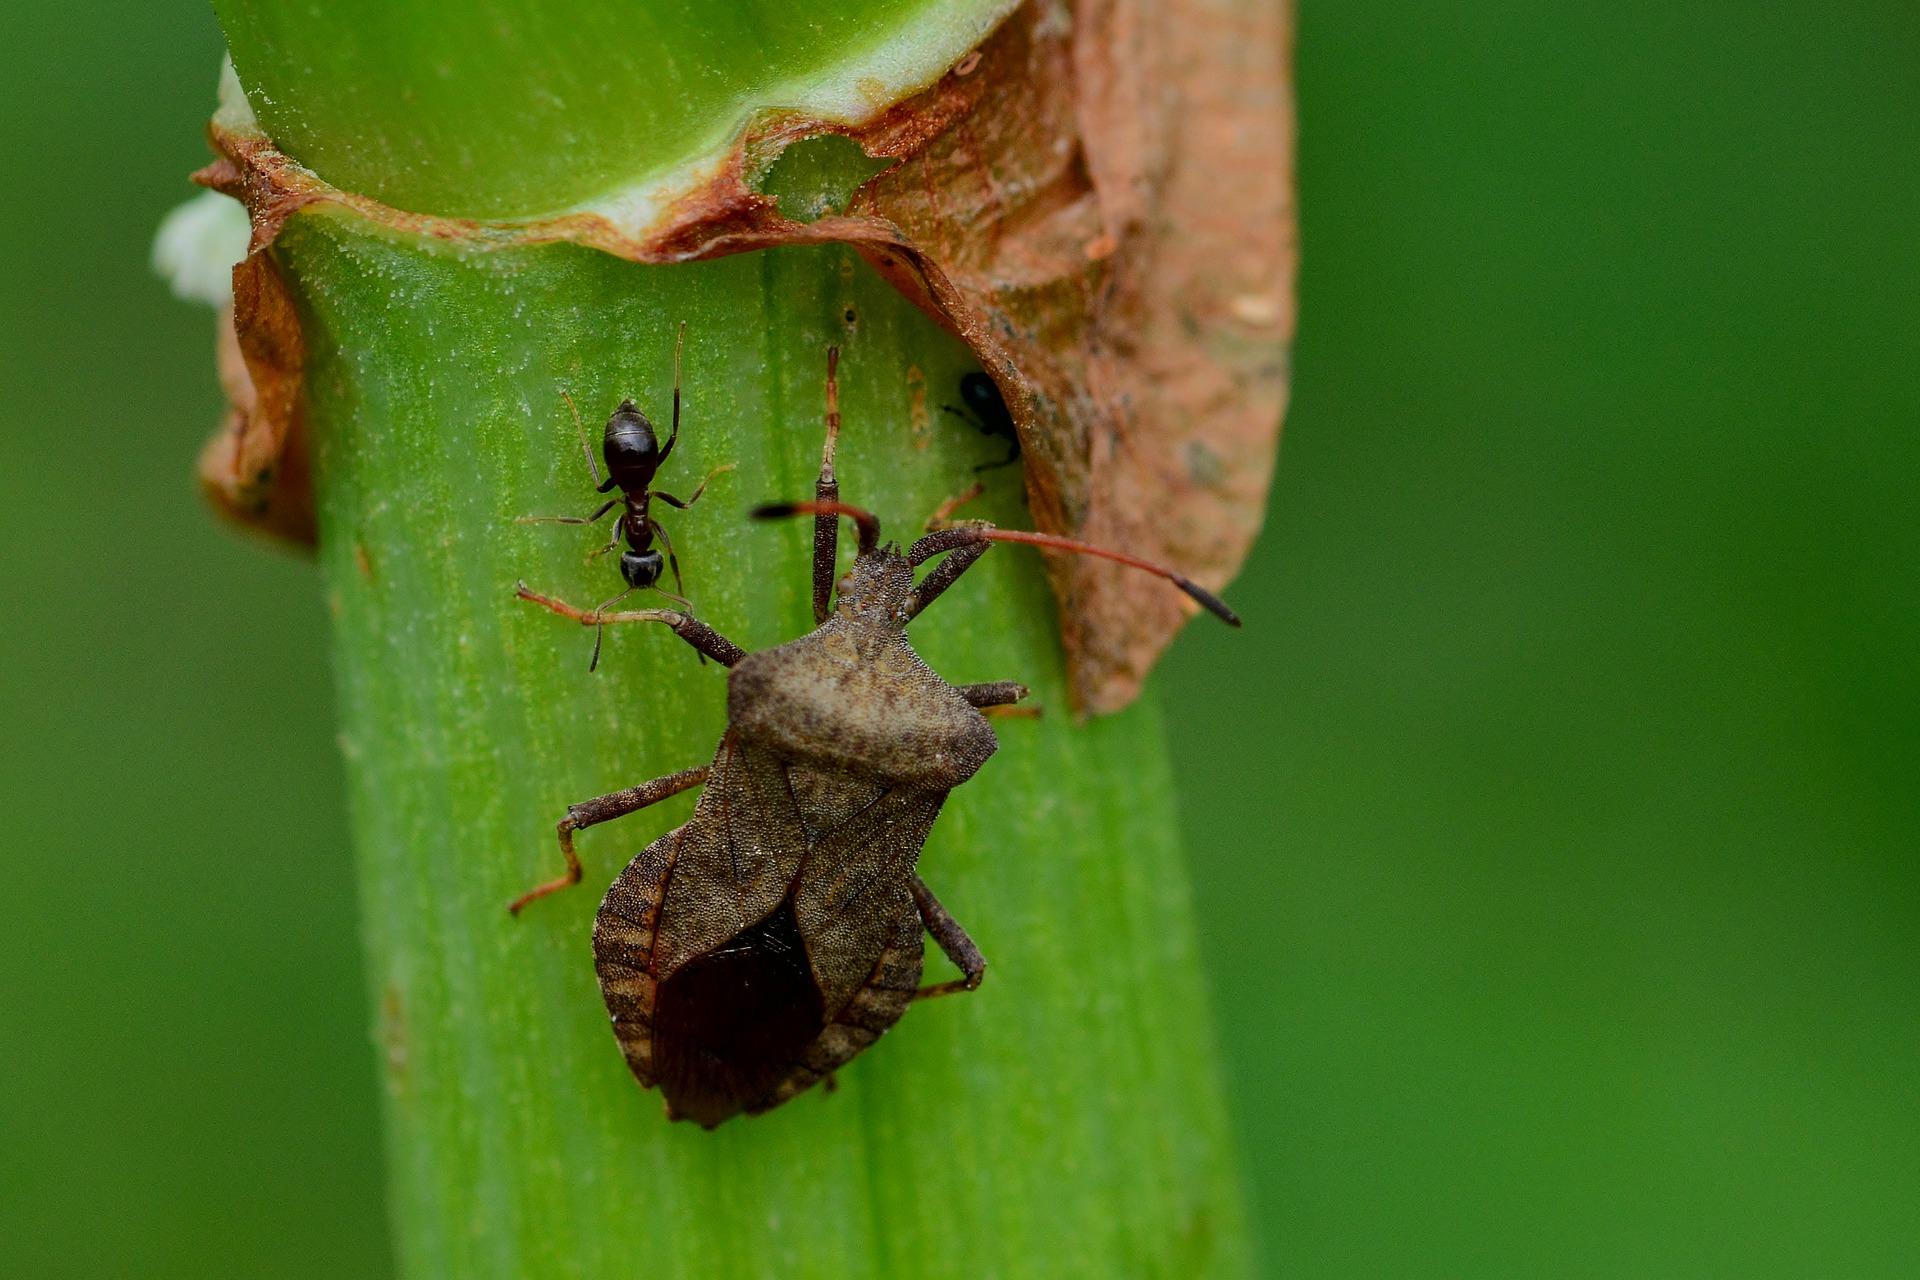 leaf-bug-4243972_1920